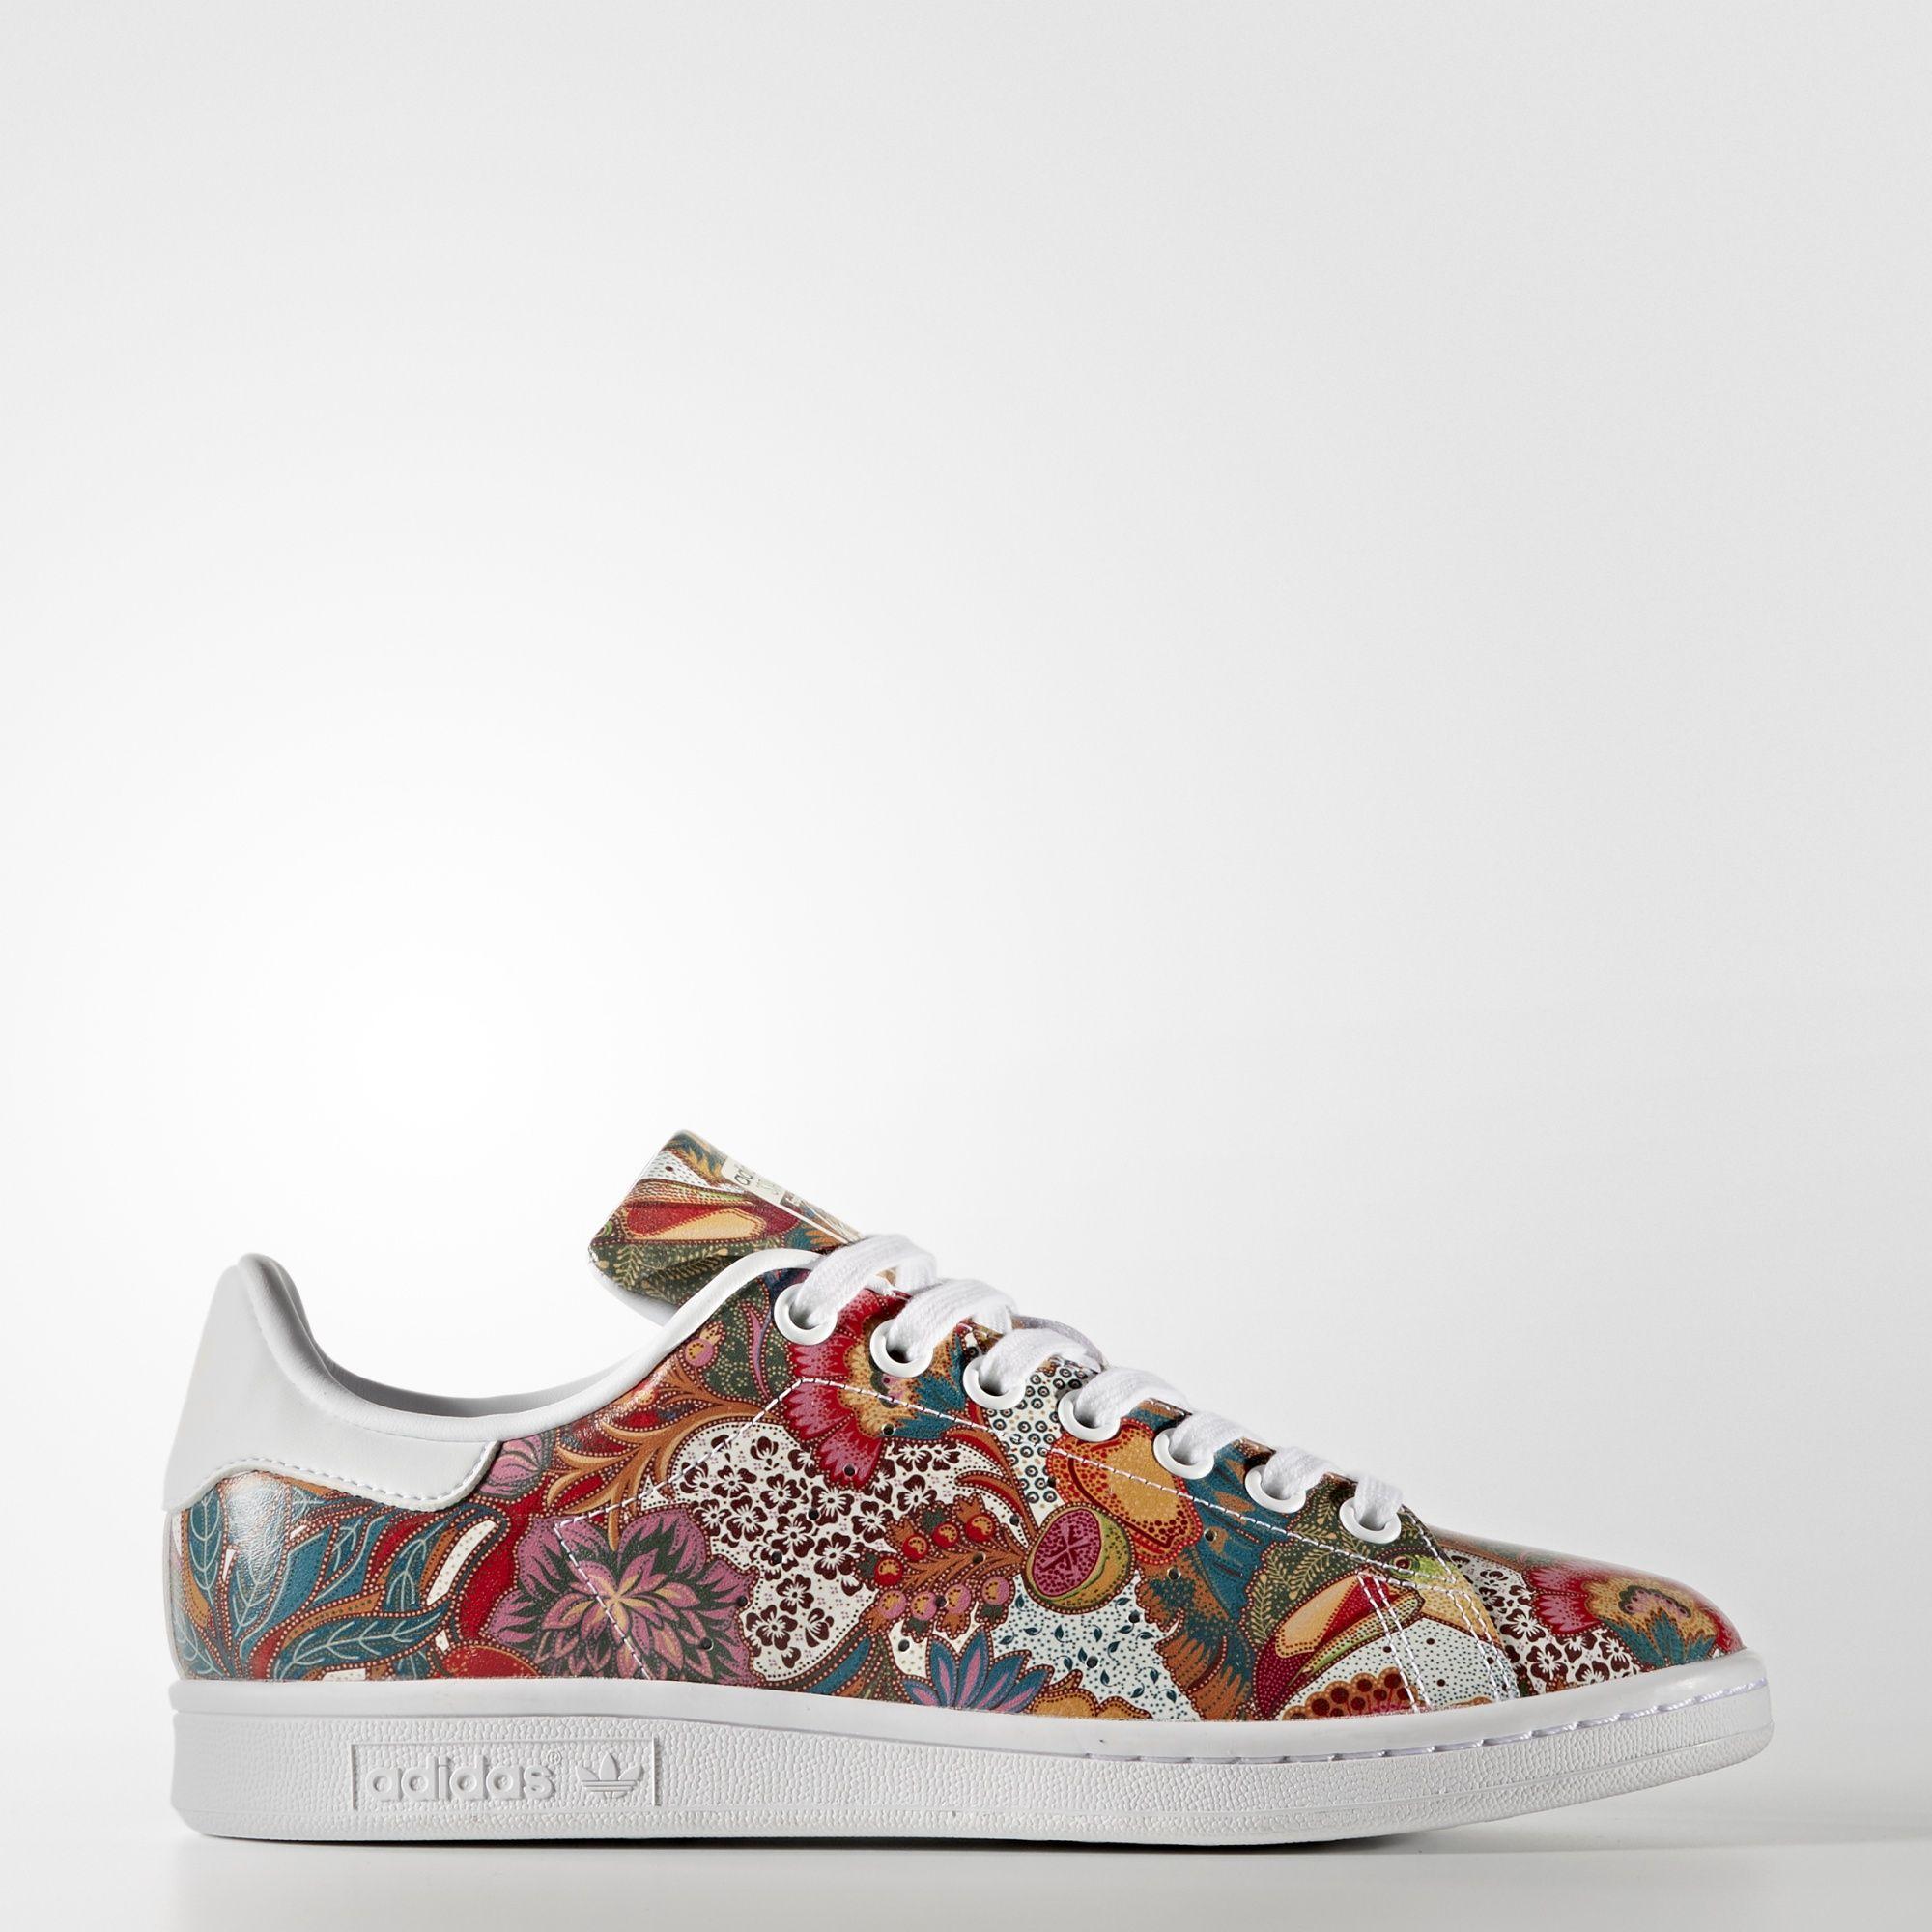 Créée en collaboration avec la marque brésilienne The FARM Company, cette  chaussure femmes revisite la